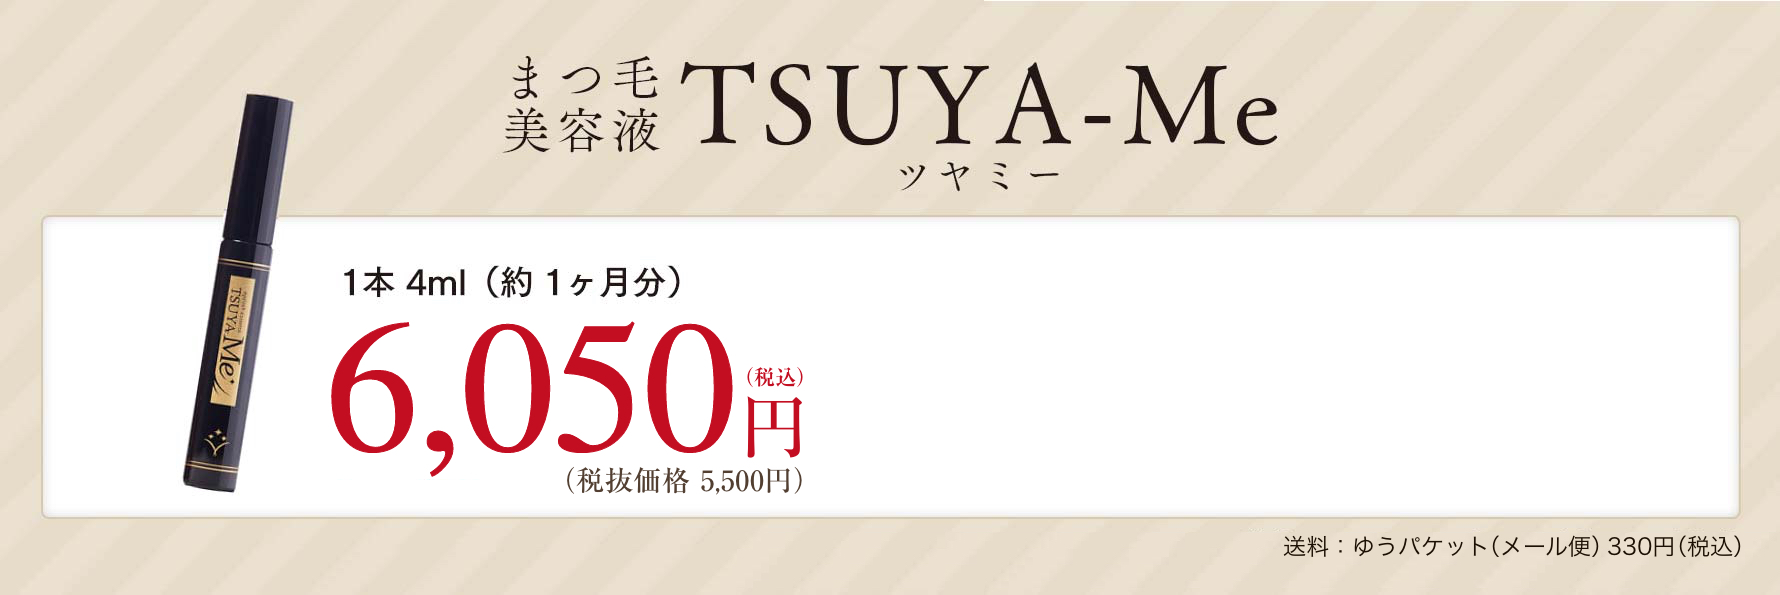 まつ毛美容液TSUYA-Me(ツヤミー)1本5,500円(税別)